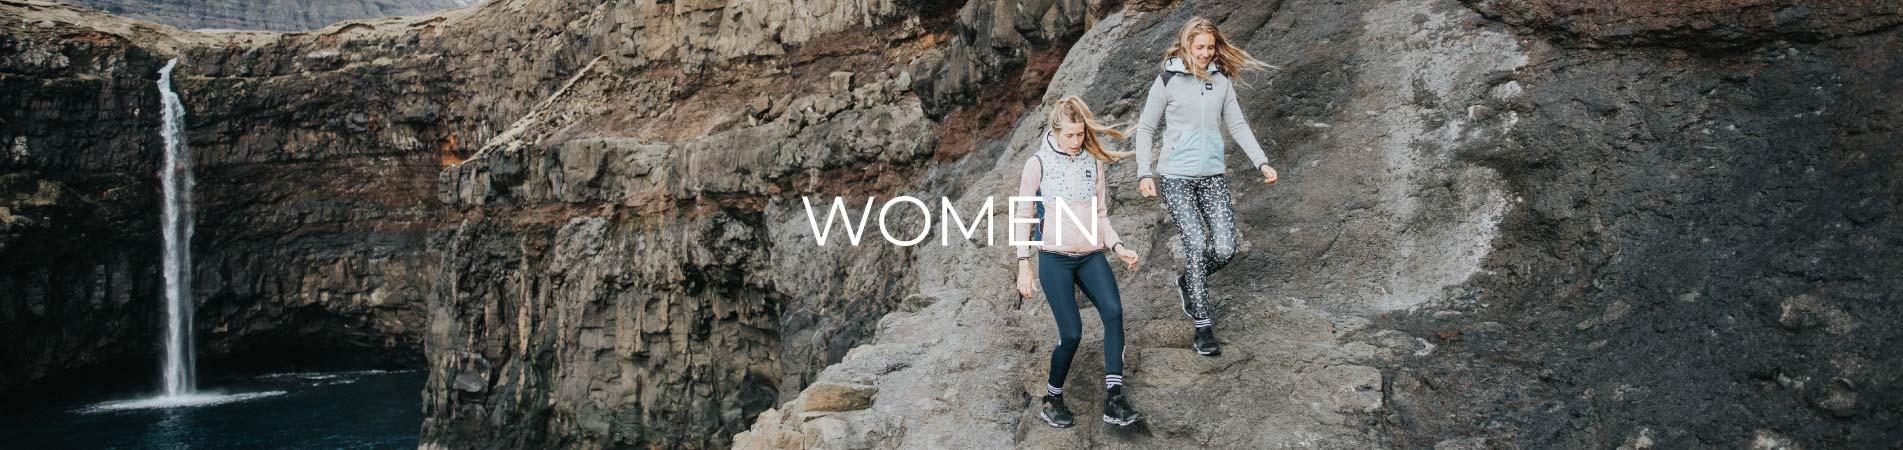 women-.jpg